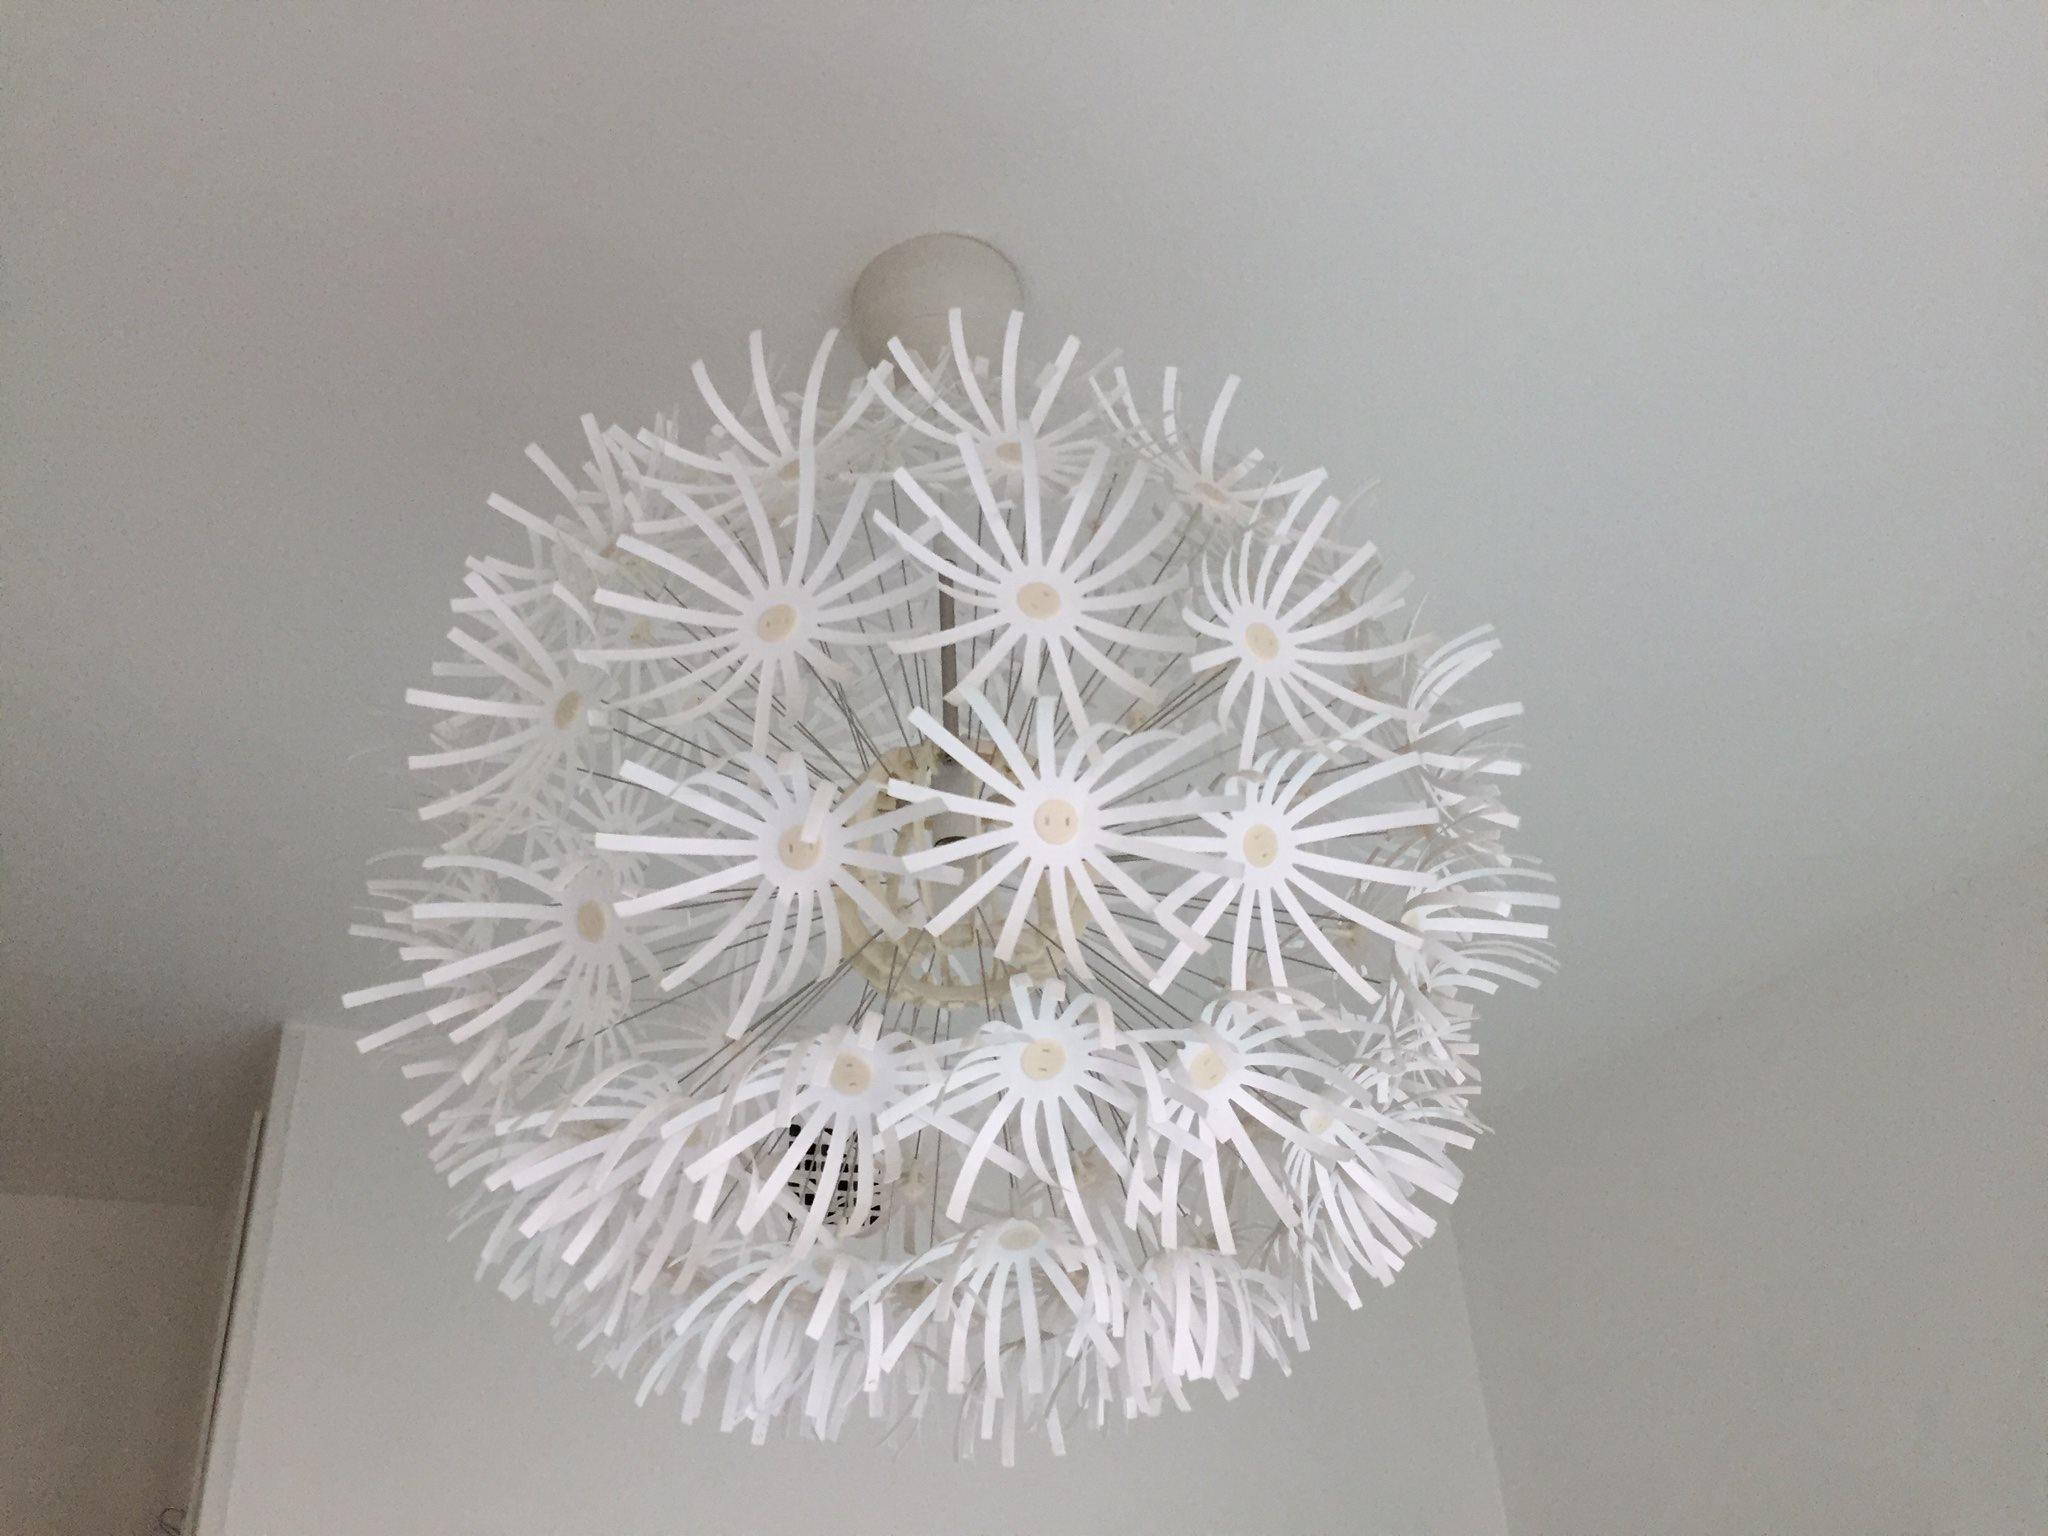 taklampa maskros ikea (323590958) ᐈ köp på tradera